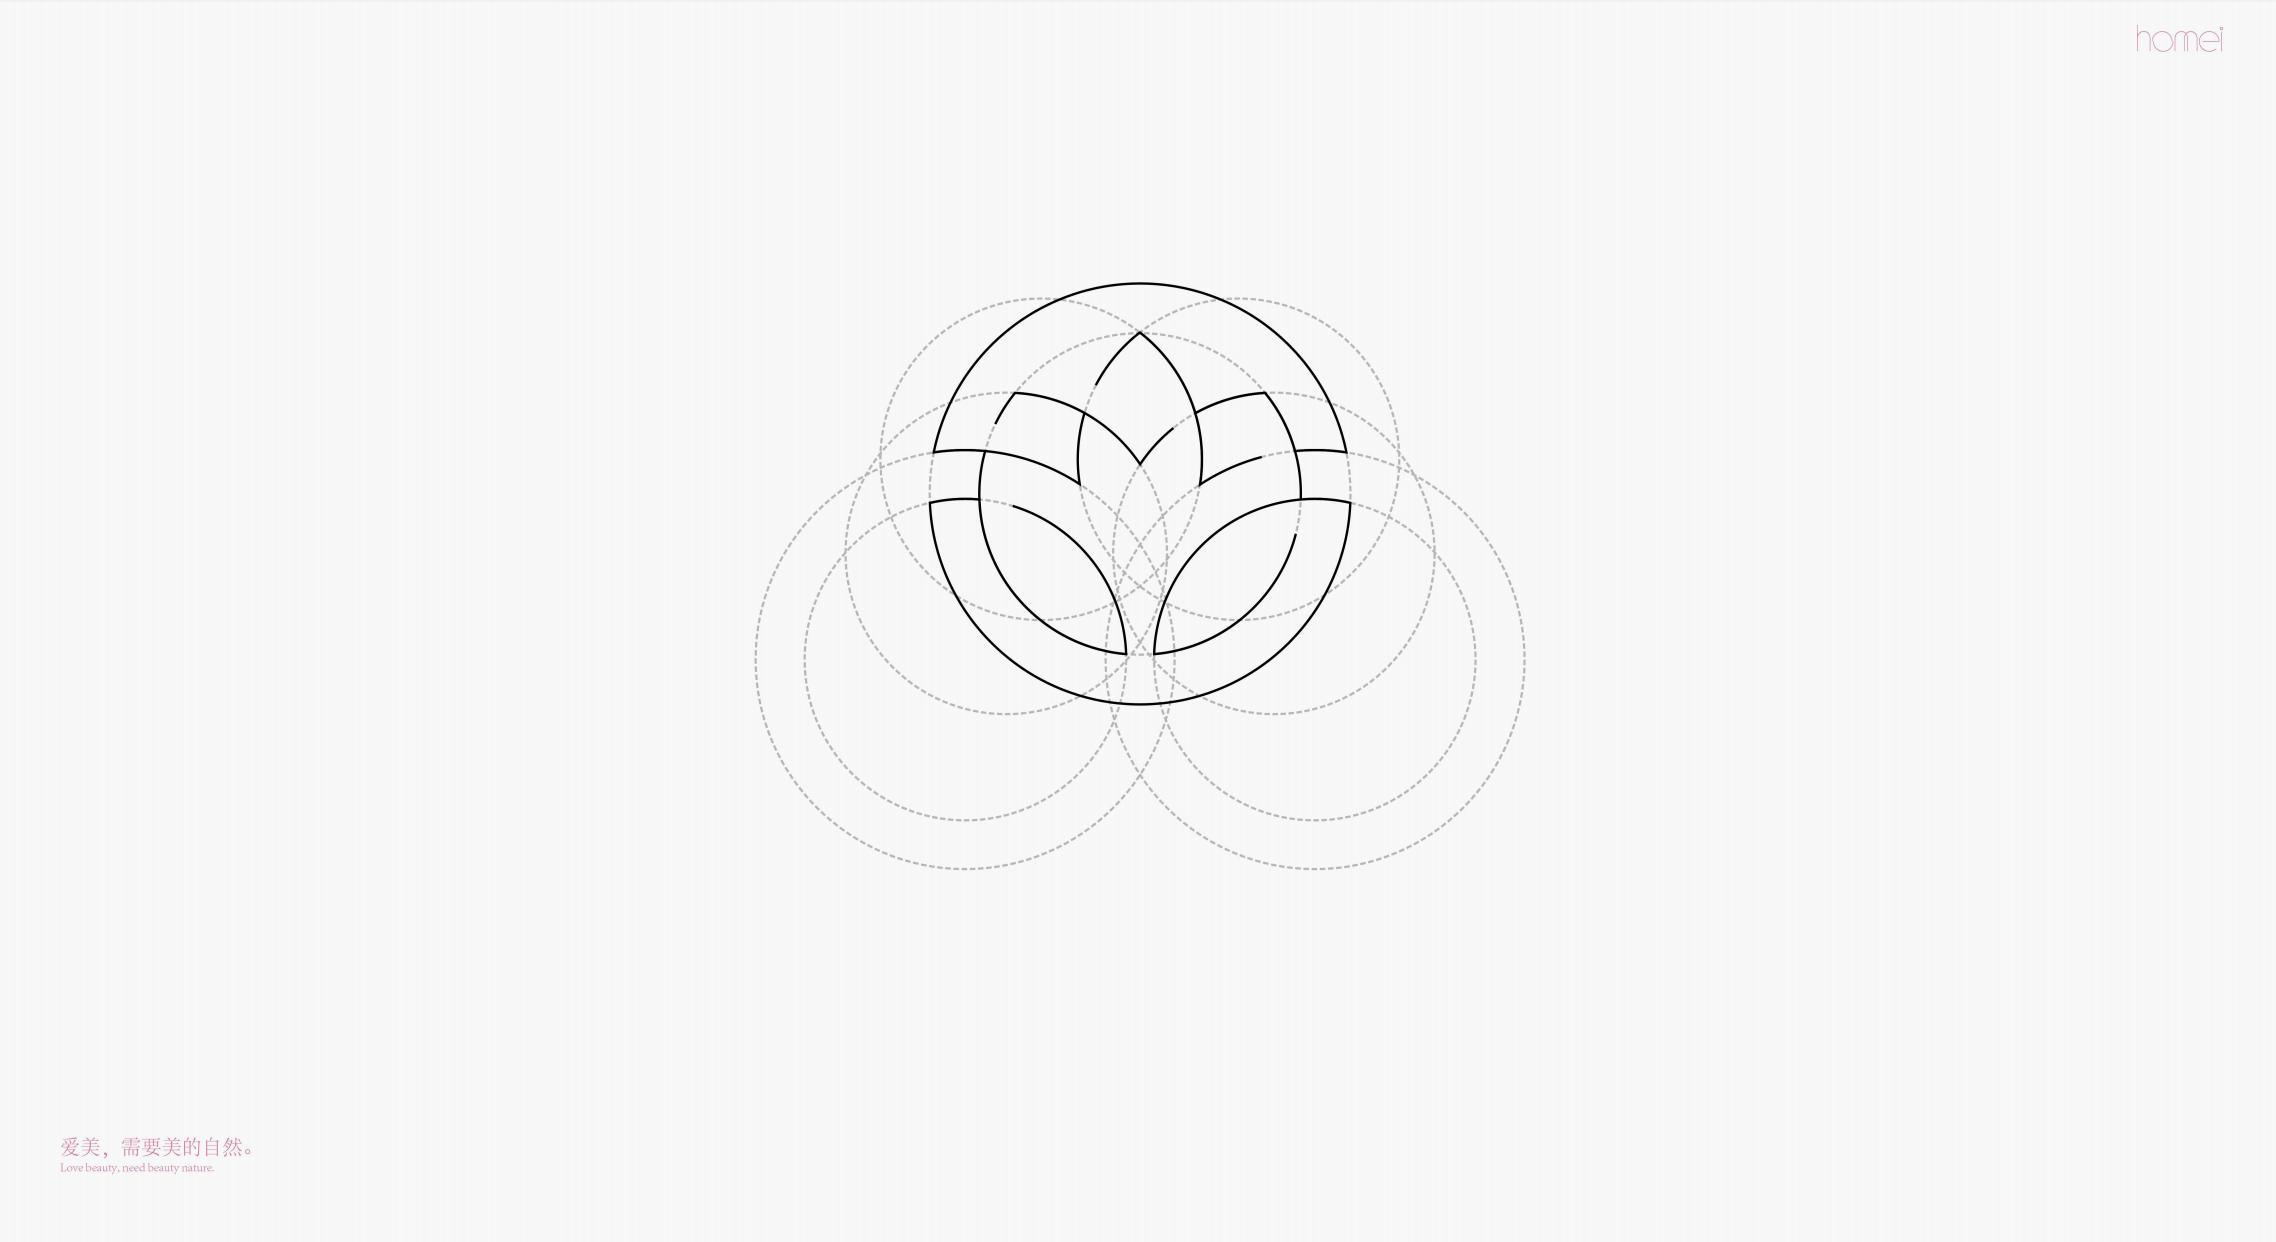 禾美整形美容LOGO设计 飞特网 原创LOGO设计